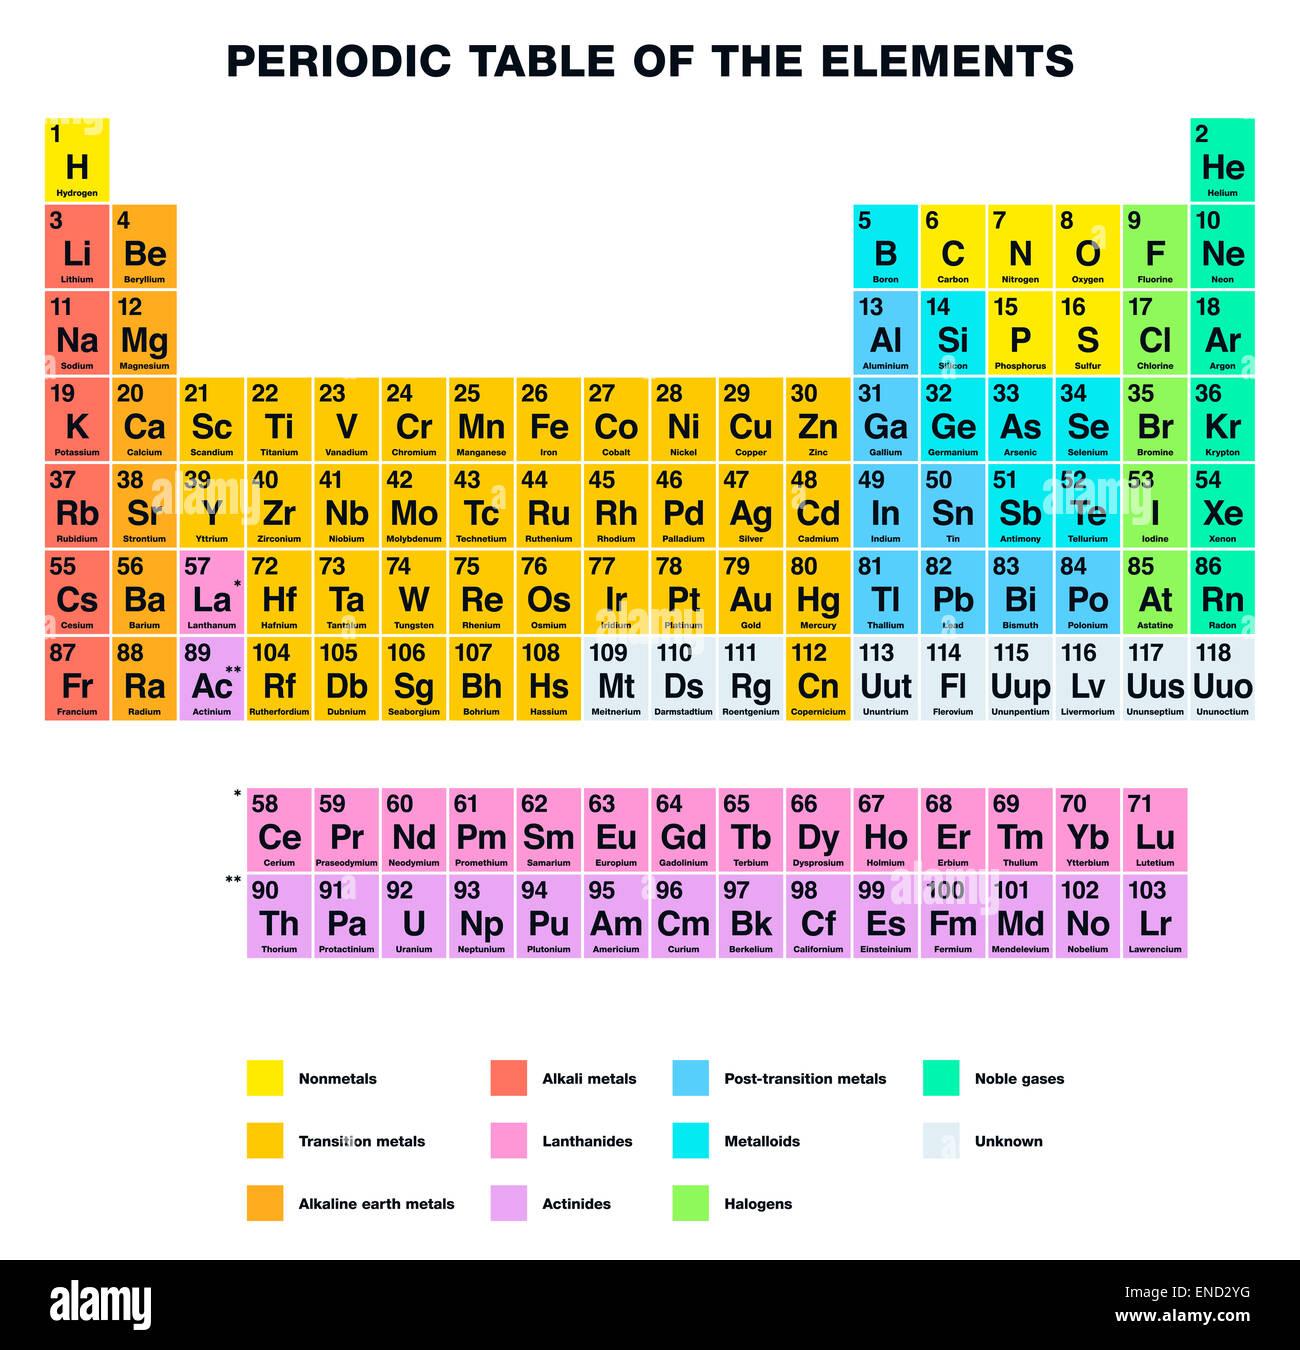 Tabla peridica de los elementos rtulos en ingls foto imagen de tabla peridica de los elementos rtulos en ingls urtaz Images